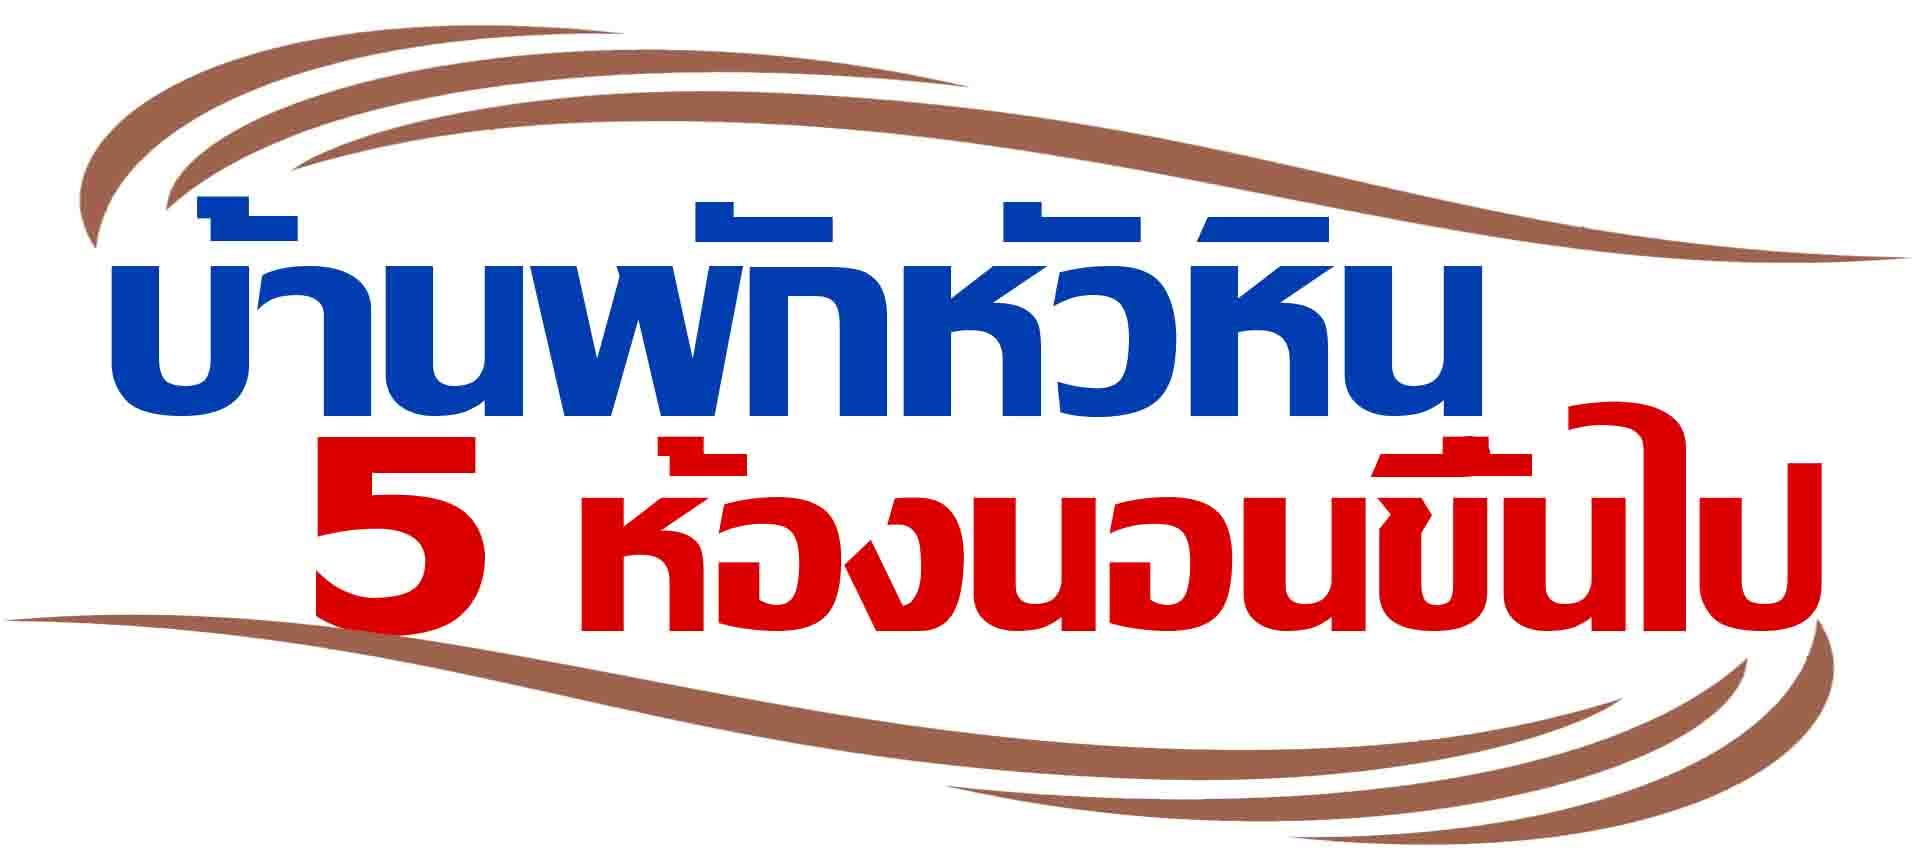 บ้านพักหัวหิน ที่พักหัวหิน บังกะโลหัวหิน www.จองบ้านพักหัวหิน.com บ้านพักหัวหิน 4